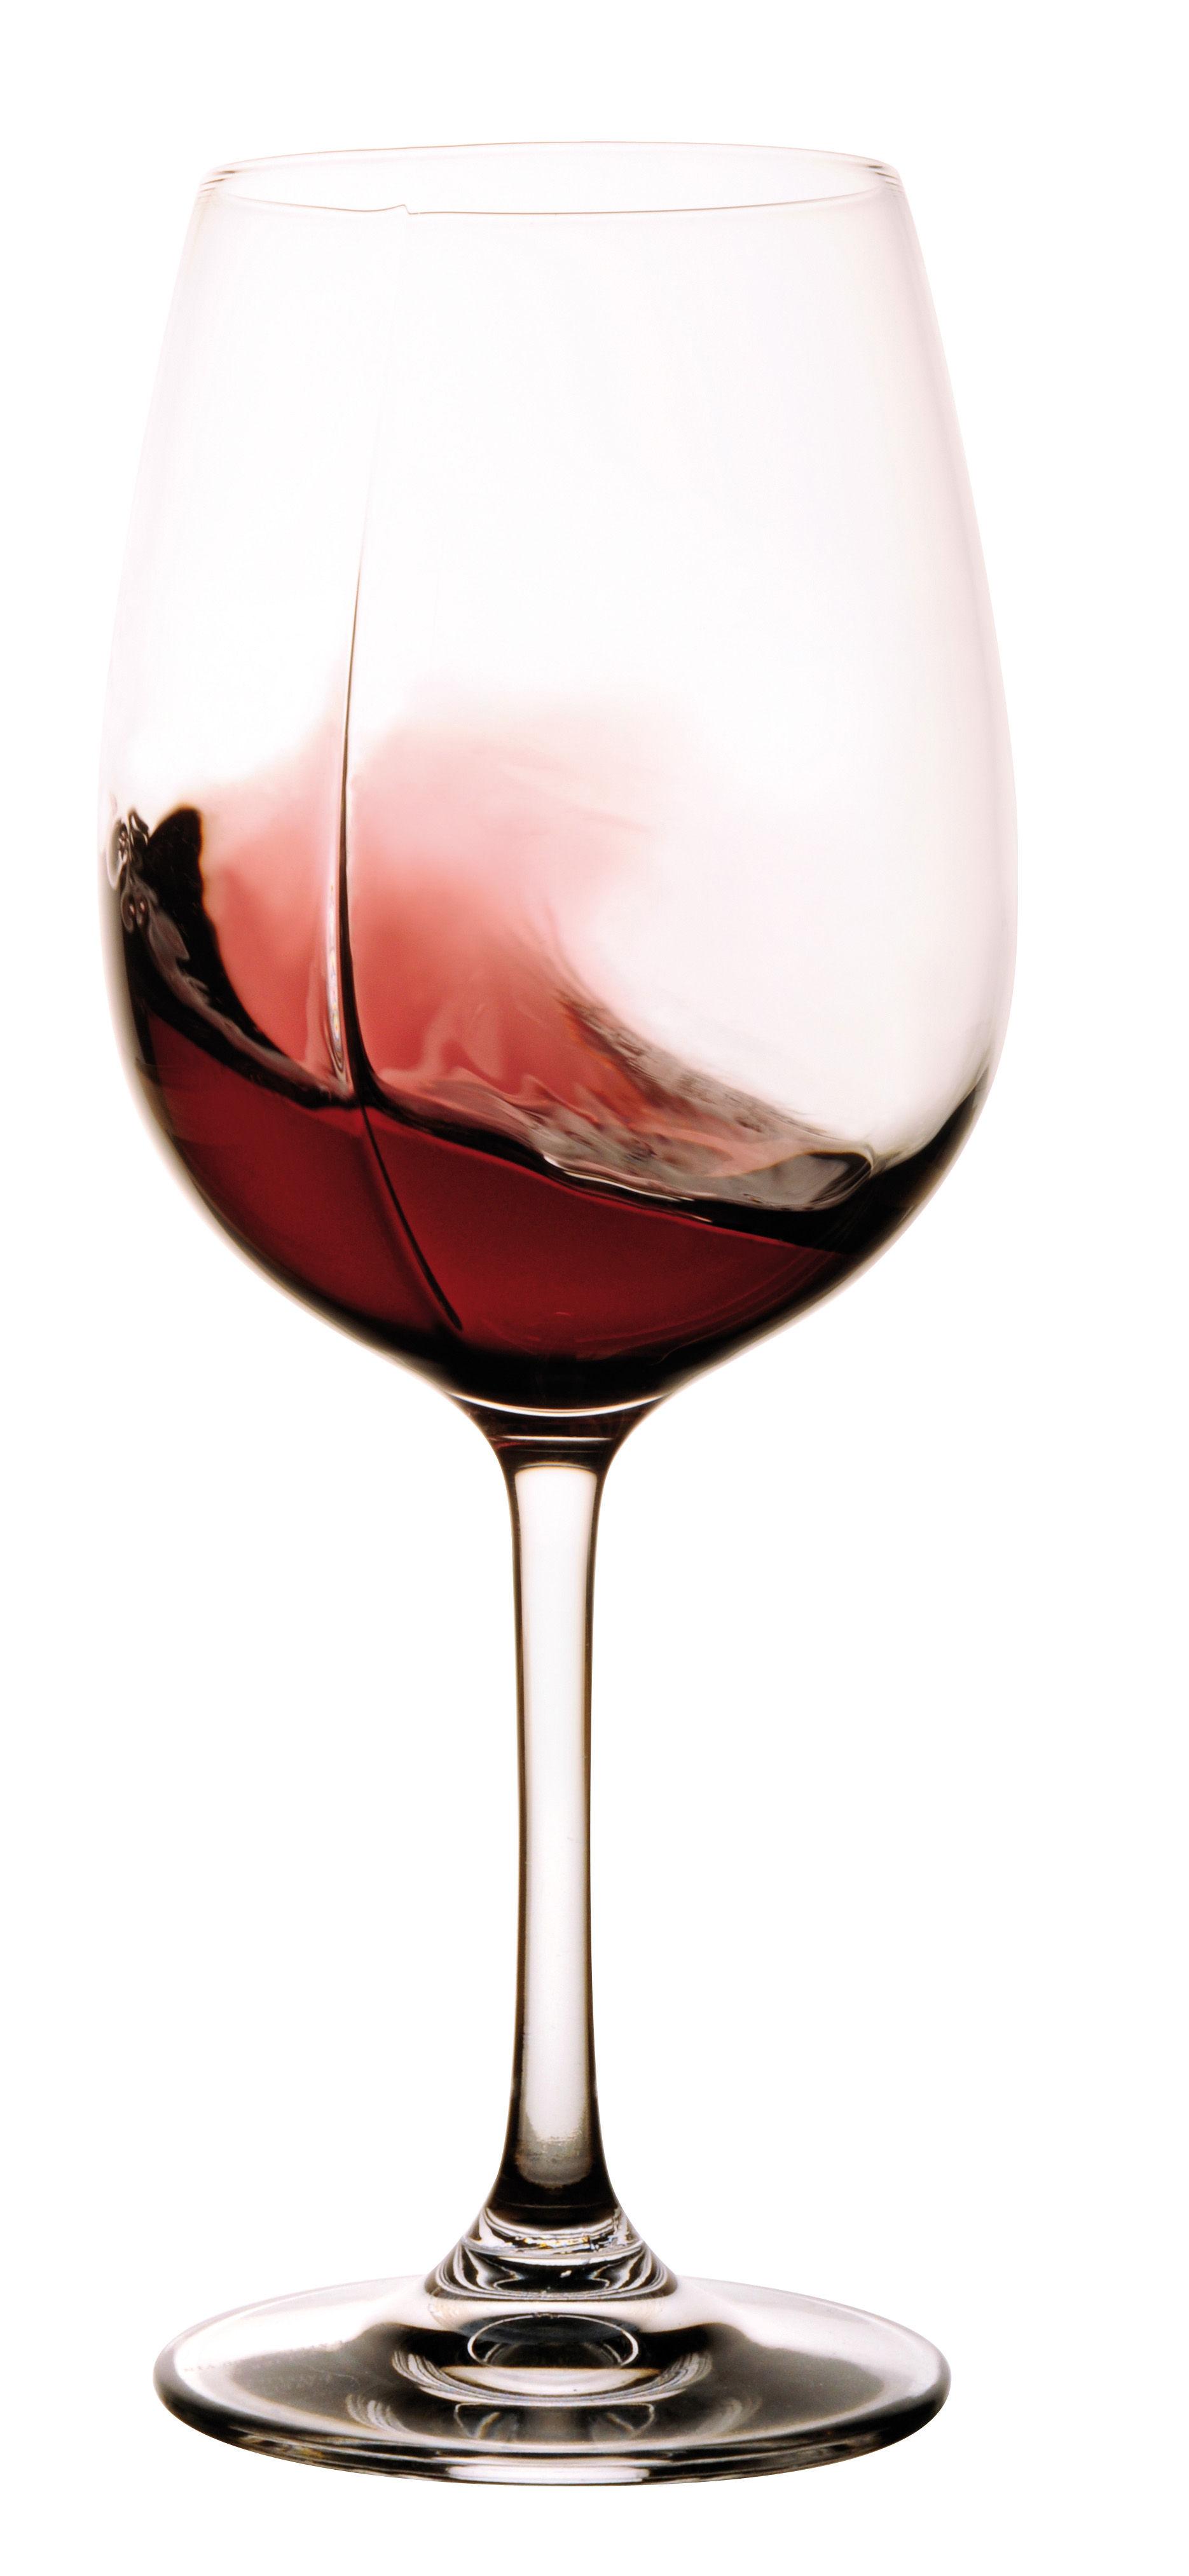 ... Arts de la table - Verres - Verre à vin L Exploreur Classic   Lot b7c7f7f5d435